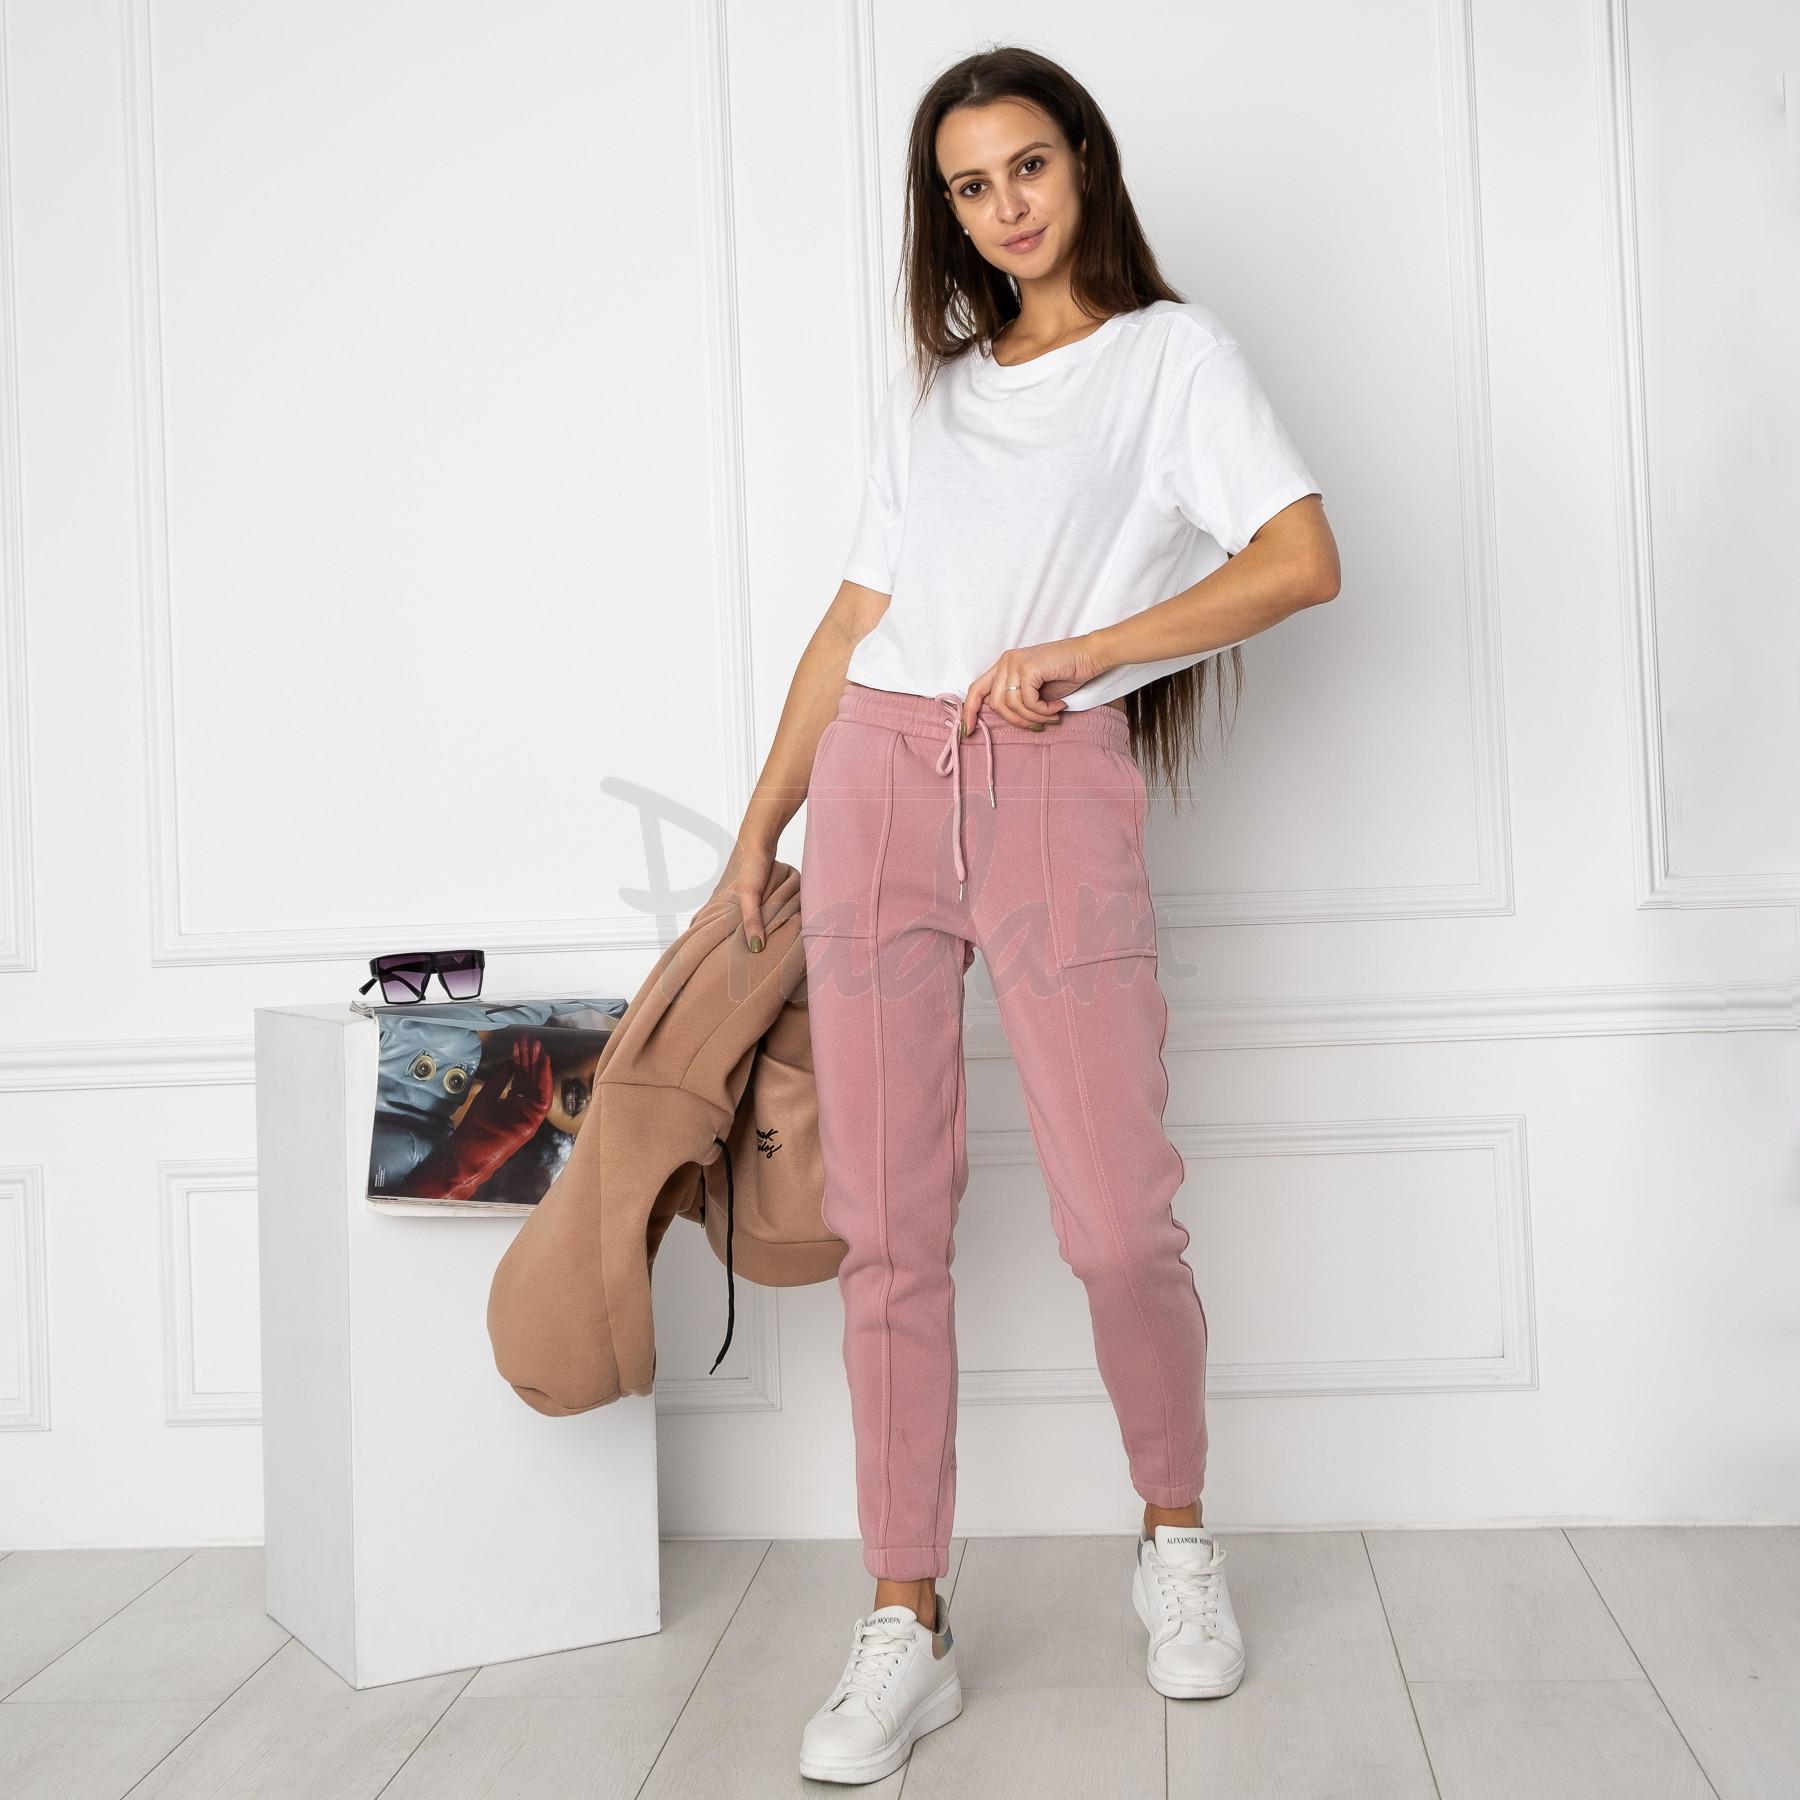 0011-2 розовые спортивные штаны женские на флисе (6 ед.размеры: S.M.L.XL.XXL.3XL)